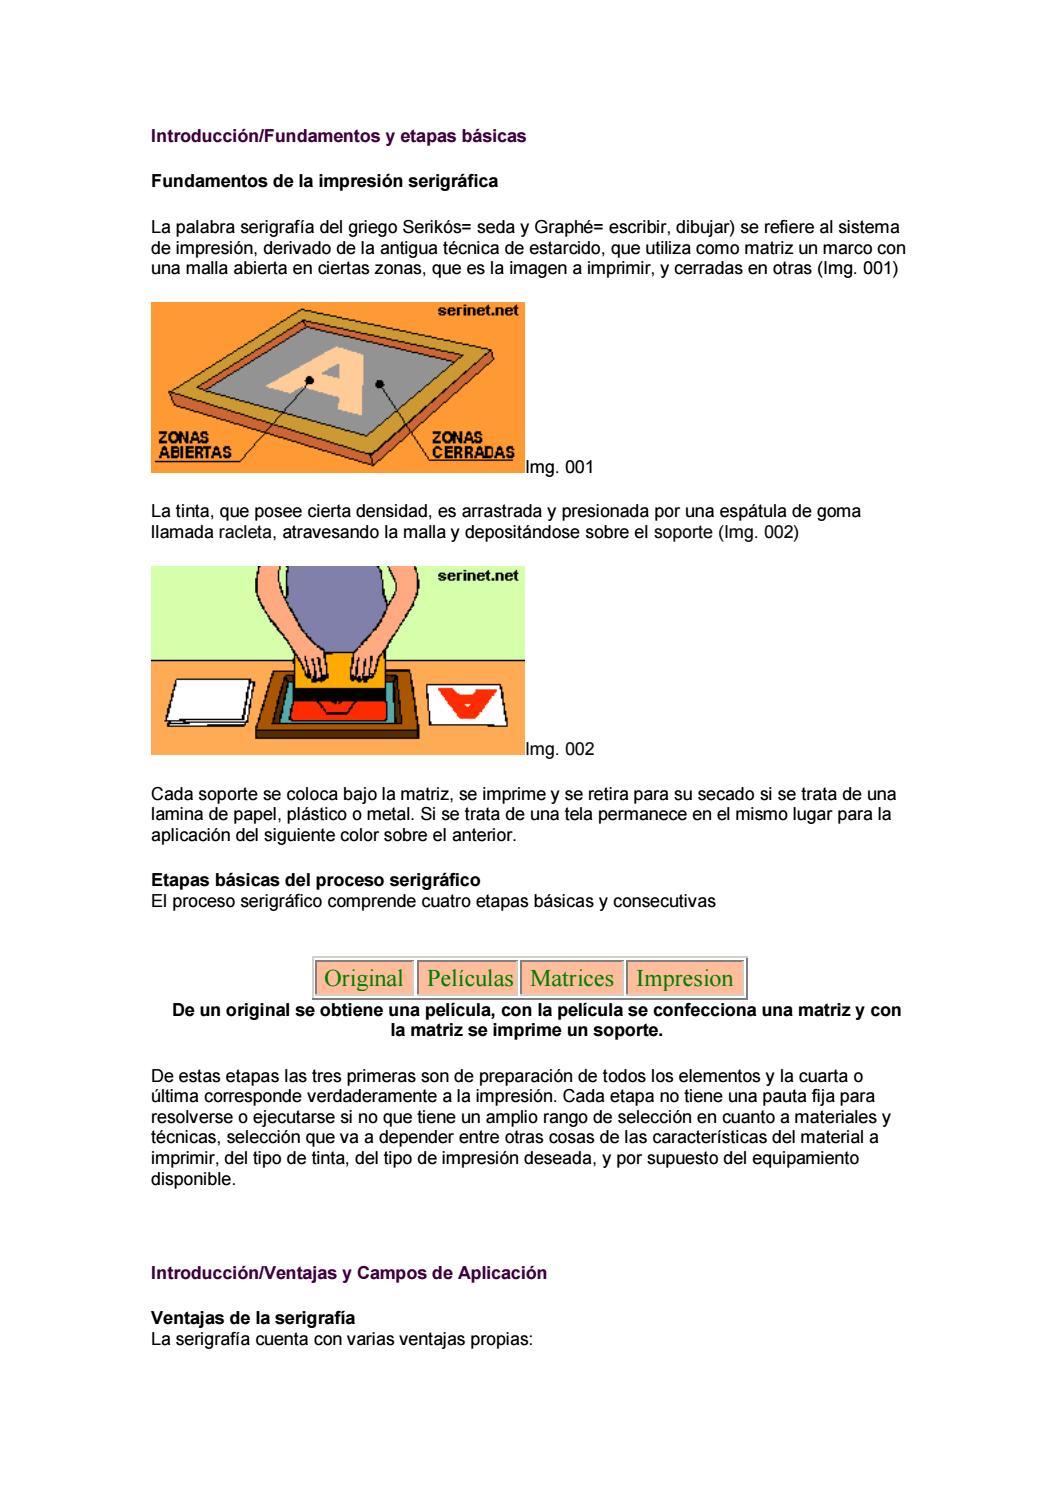 MANUAL DE SERIGRAFIA by GRAFICSANTS - issuu